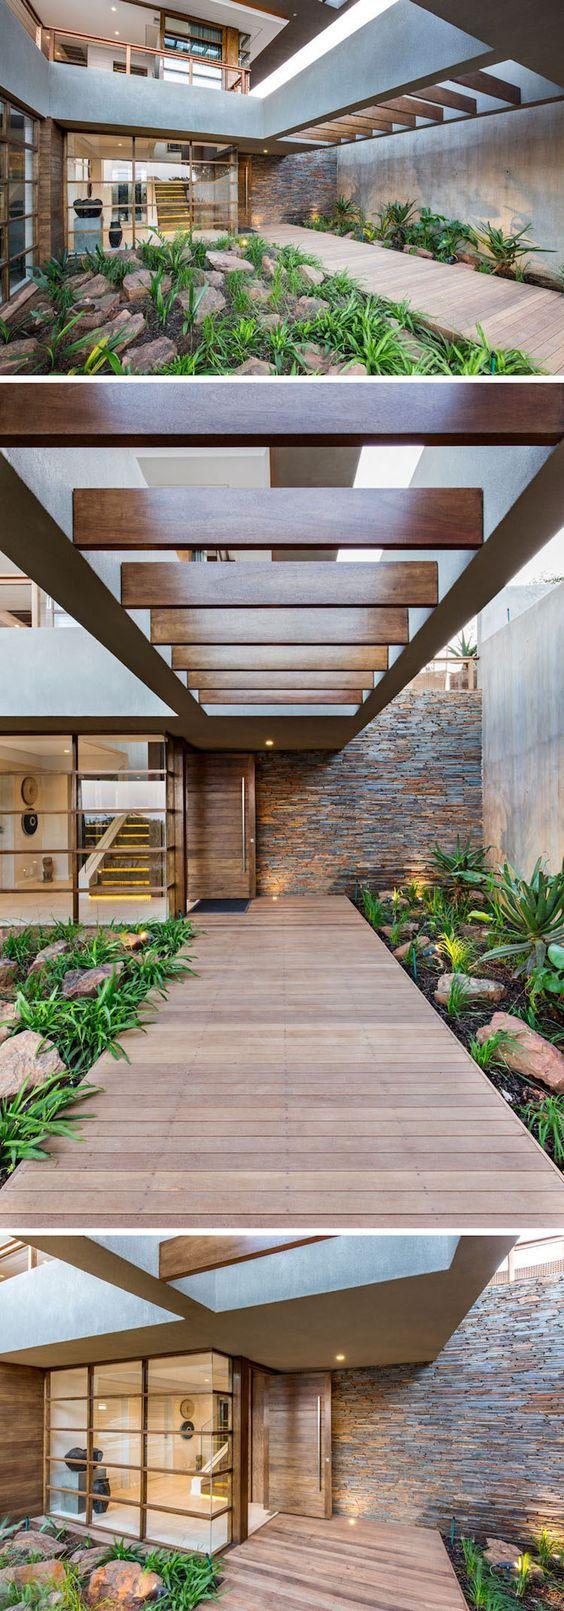 L 39 orientation et le design d 39 int rieur feng shui d 39 une - Maison jardin feng shui amiens ...